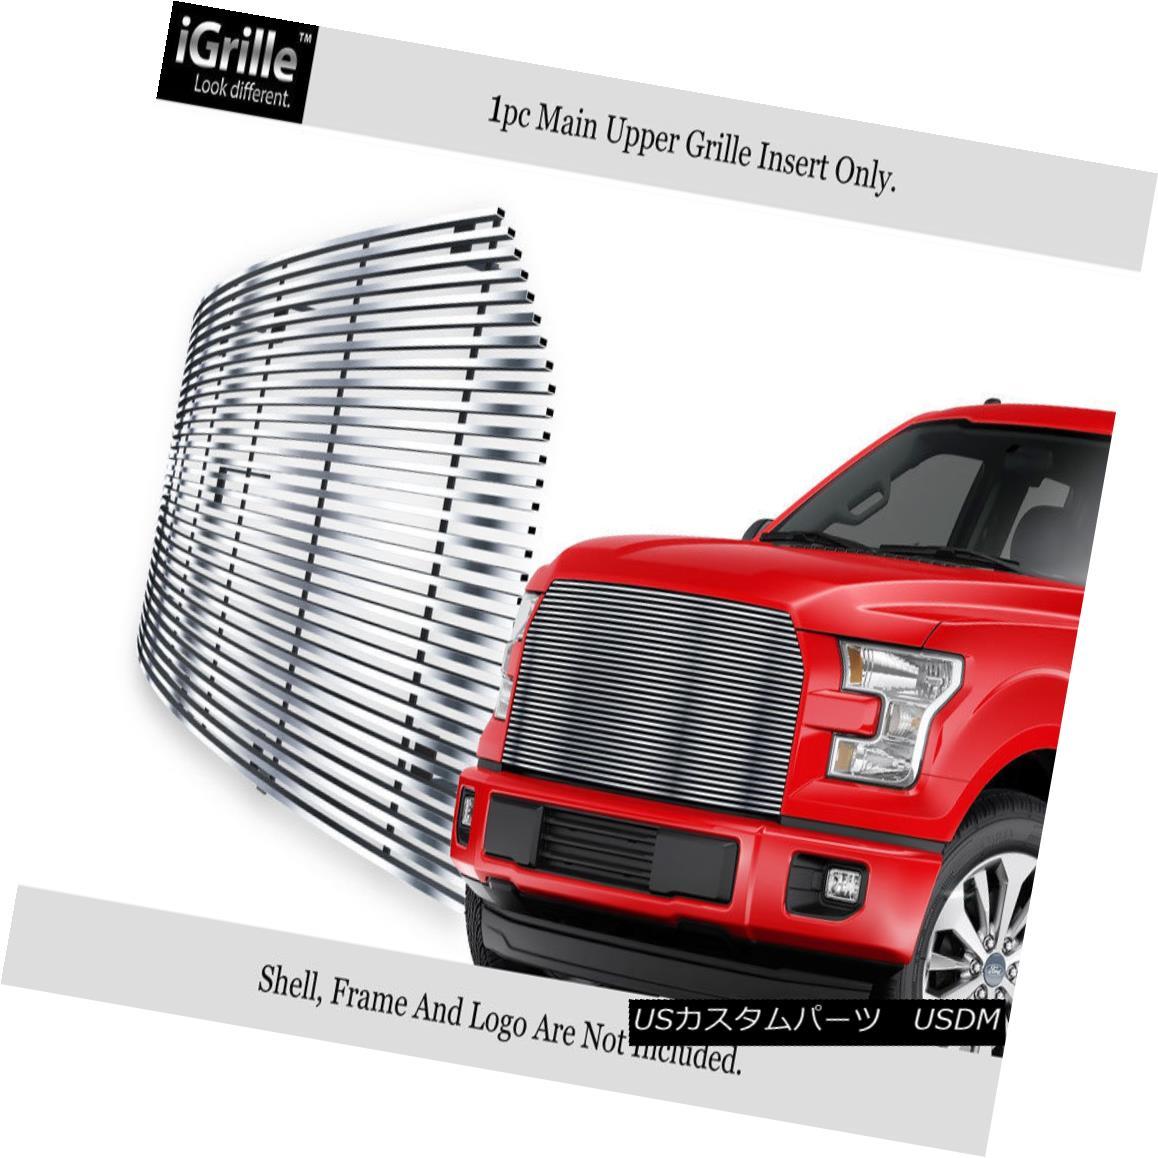 グリル Fits 2015-2017 Ford F-150 Stainless Steel Replacement Billet Grille Insert フィット2015-2017フォードF-150ステンレススチール交換ビレットグリルインサート